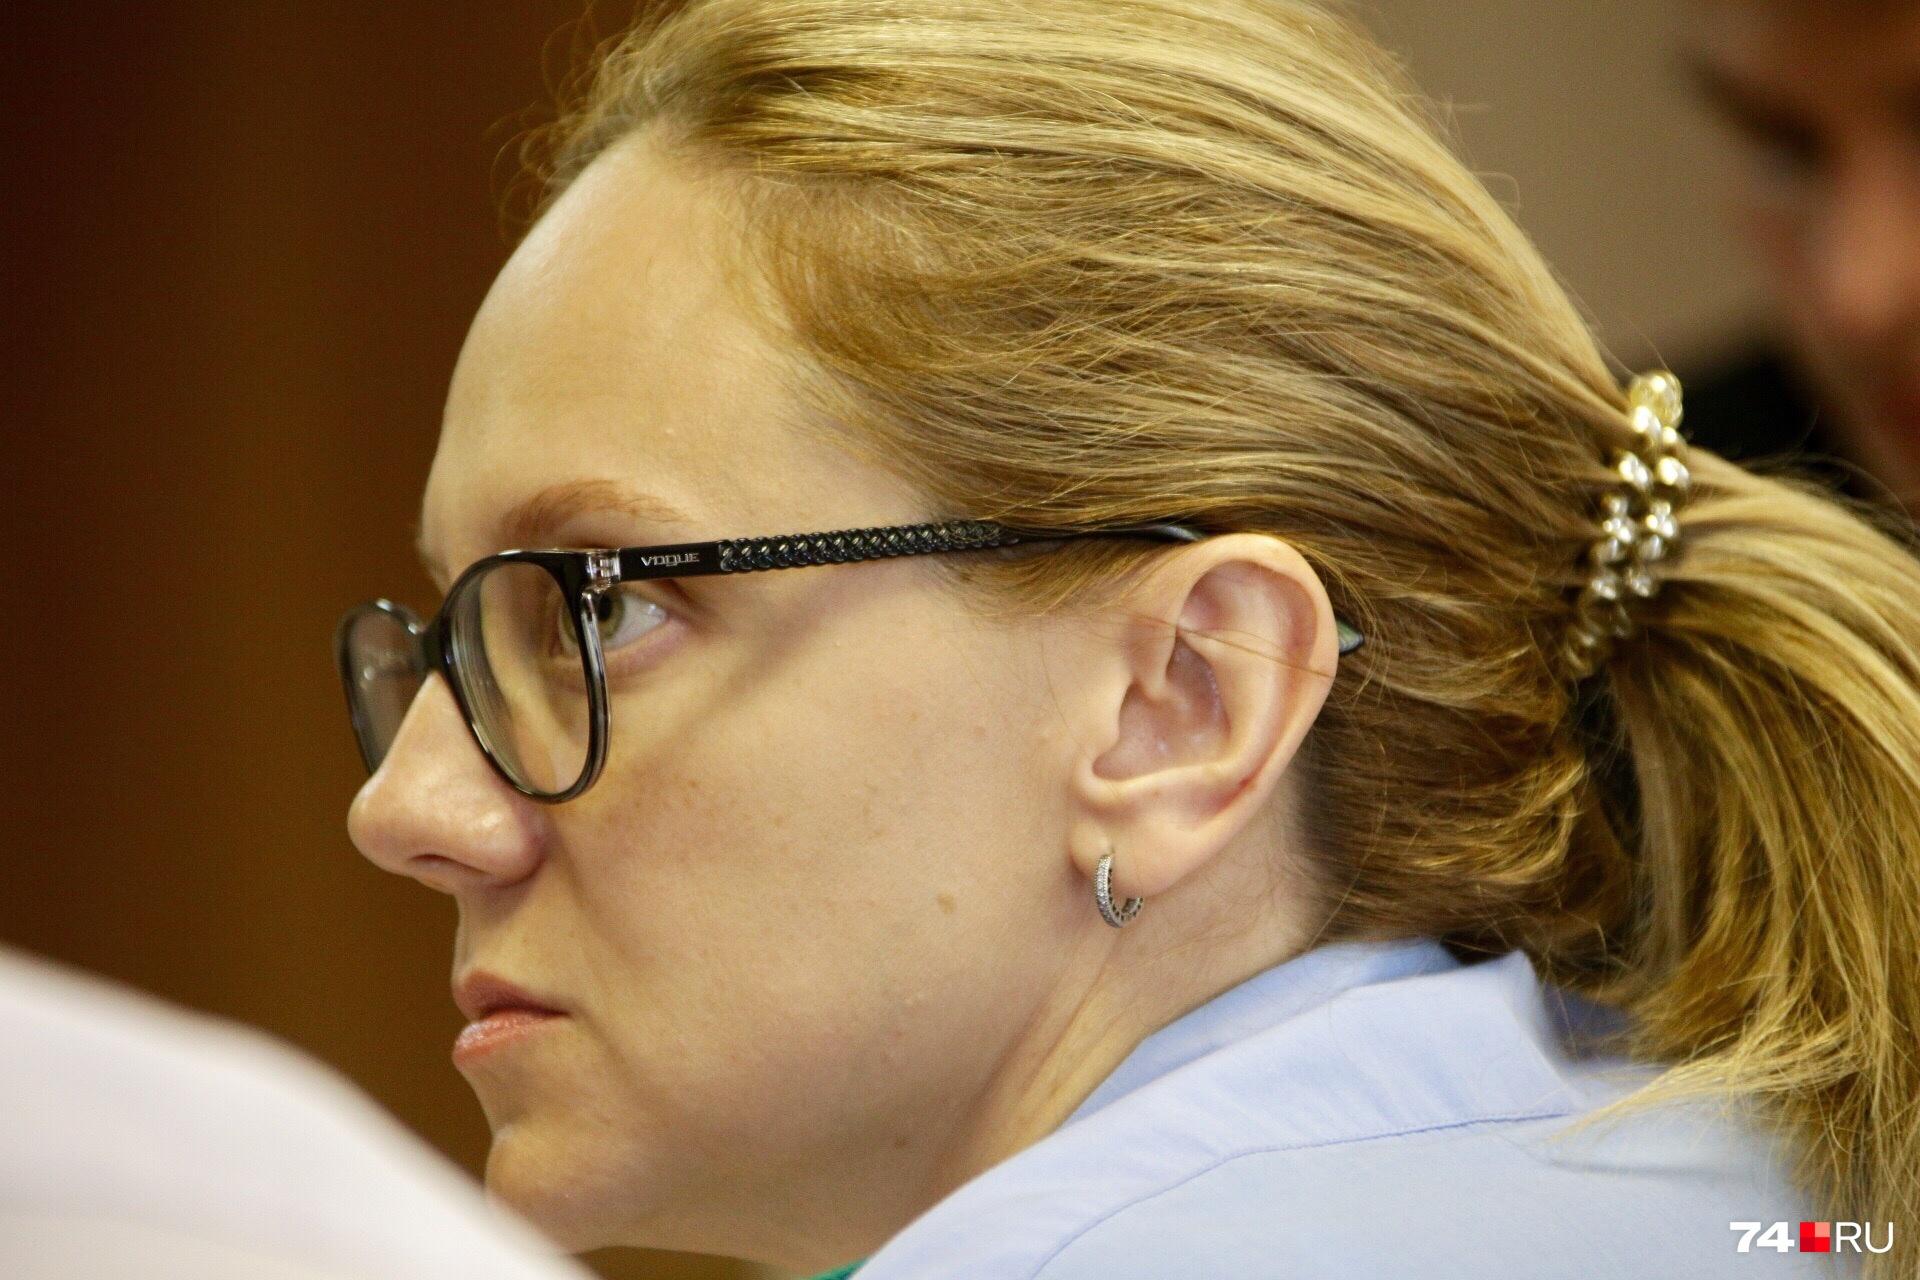 Гособвинение доказывает, что именно Антон Коновалов напал с ножом на Ольгу Рыбалко